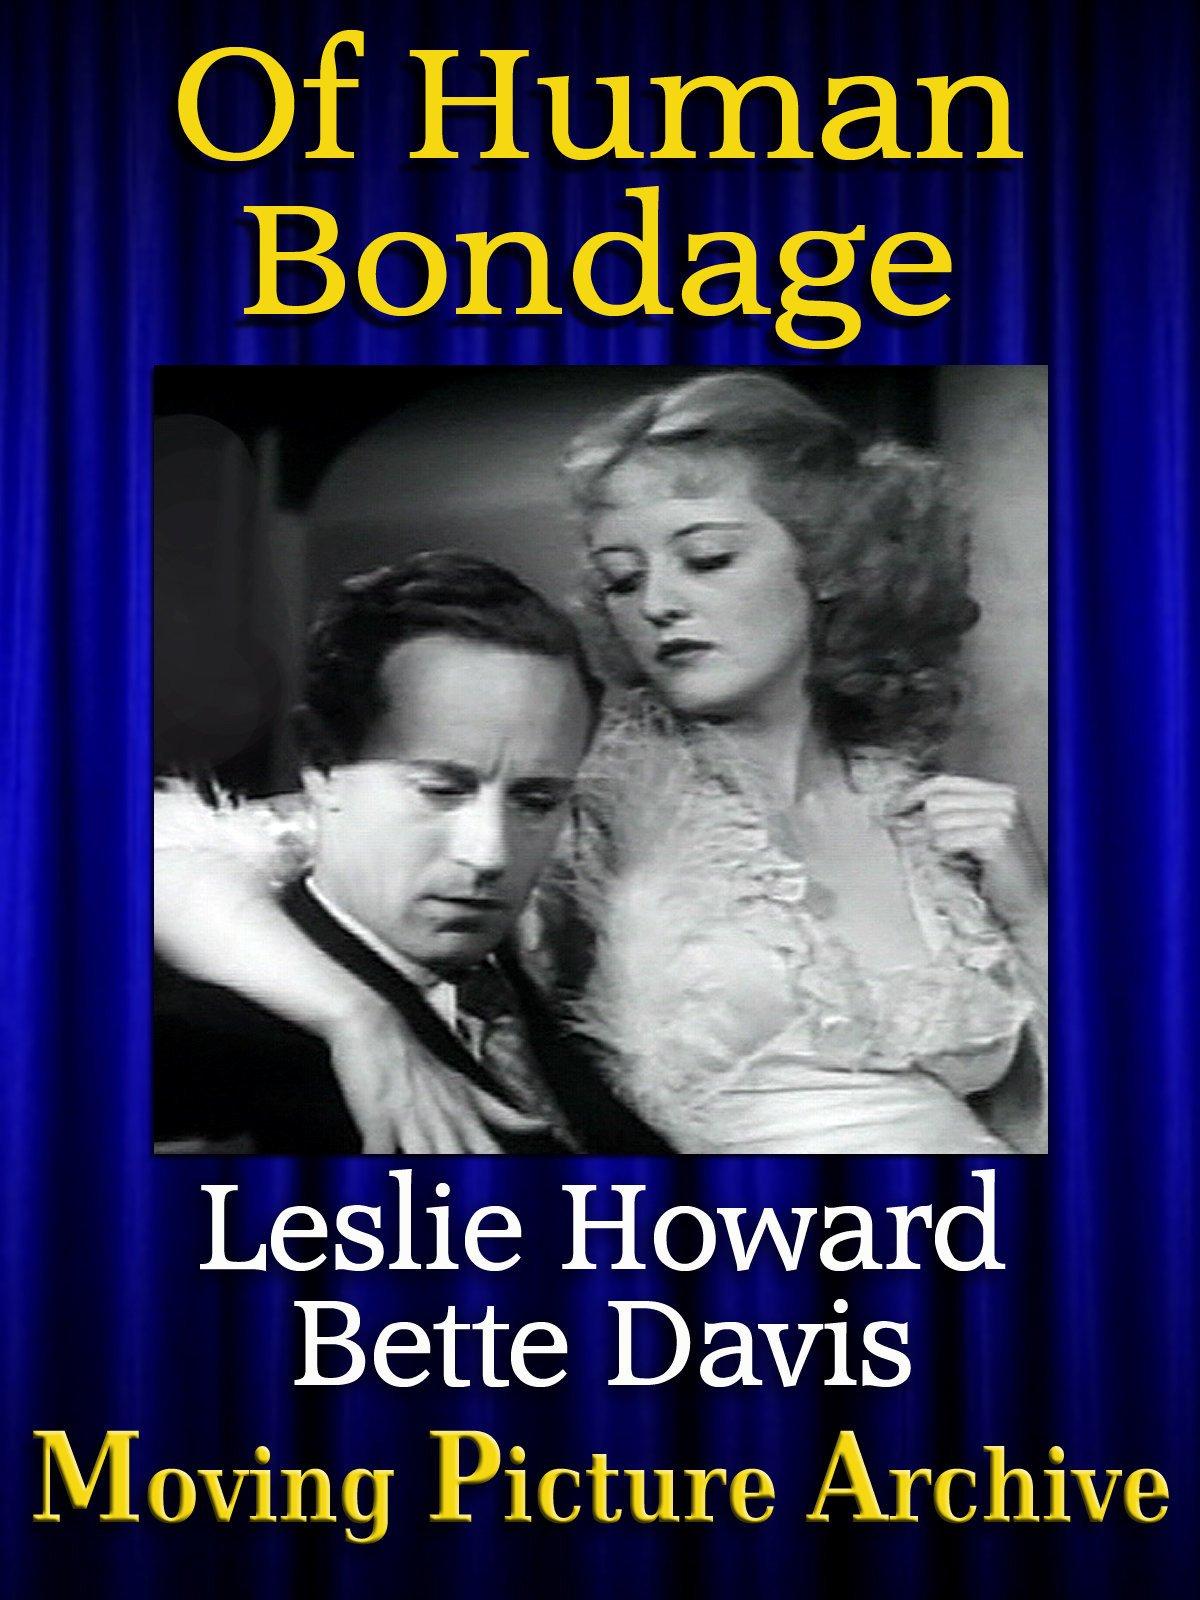 Of Human Bondage - 1934 on Amazon Prime Video UK